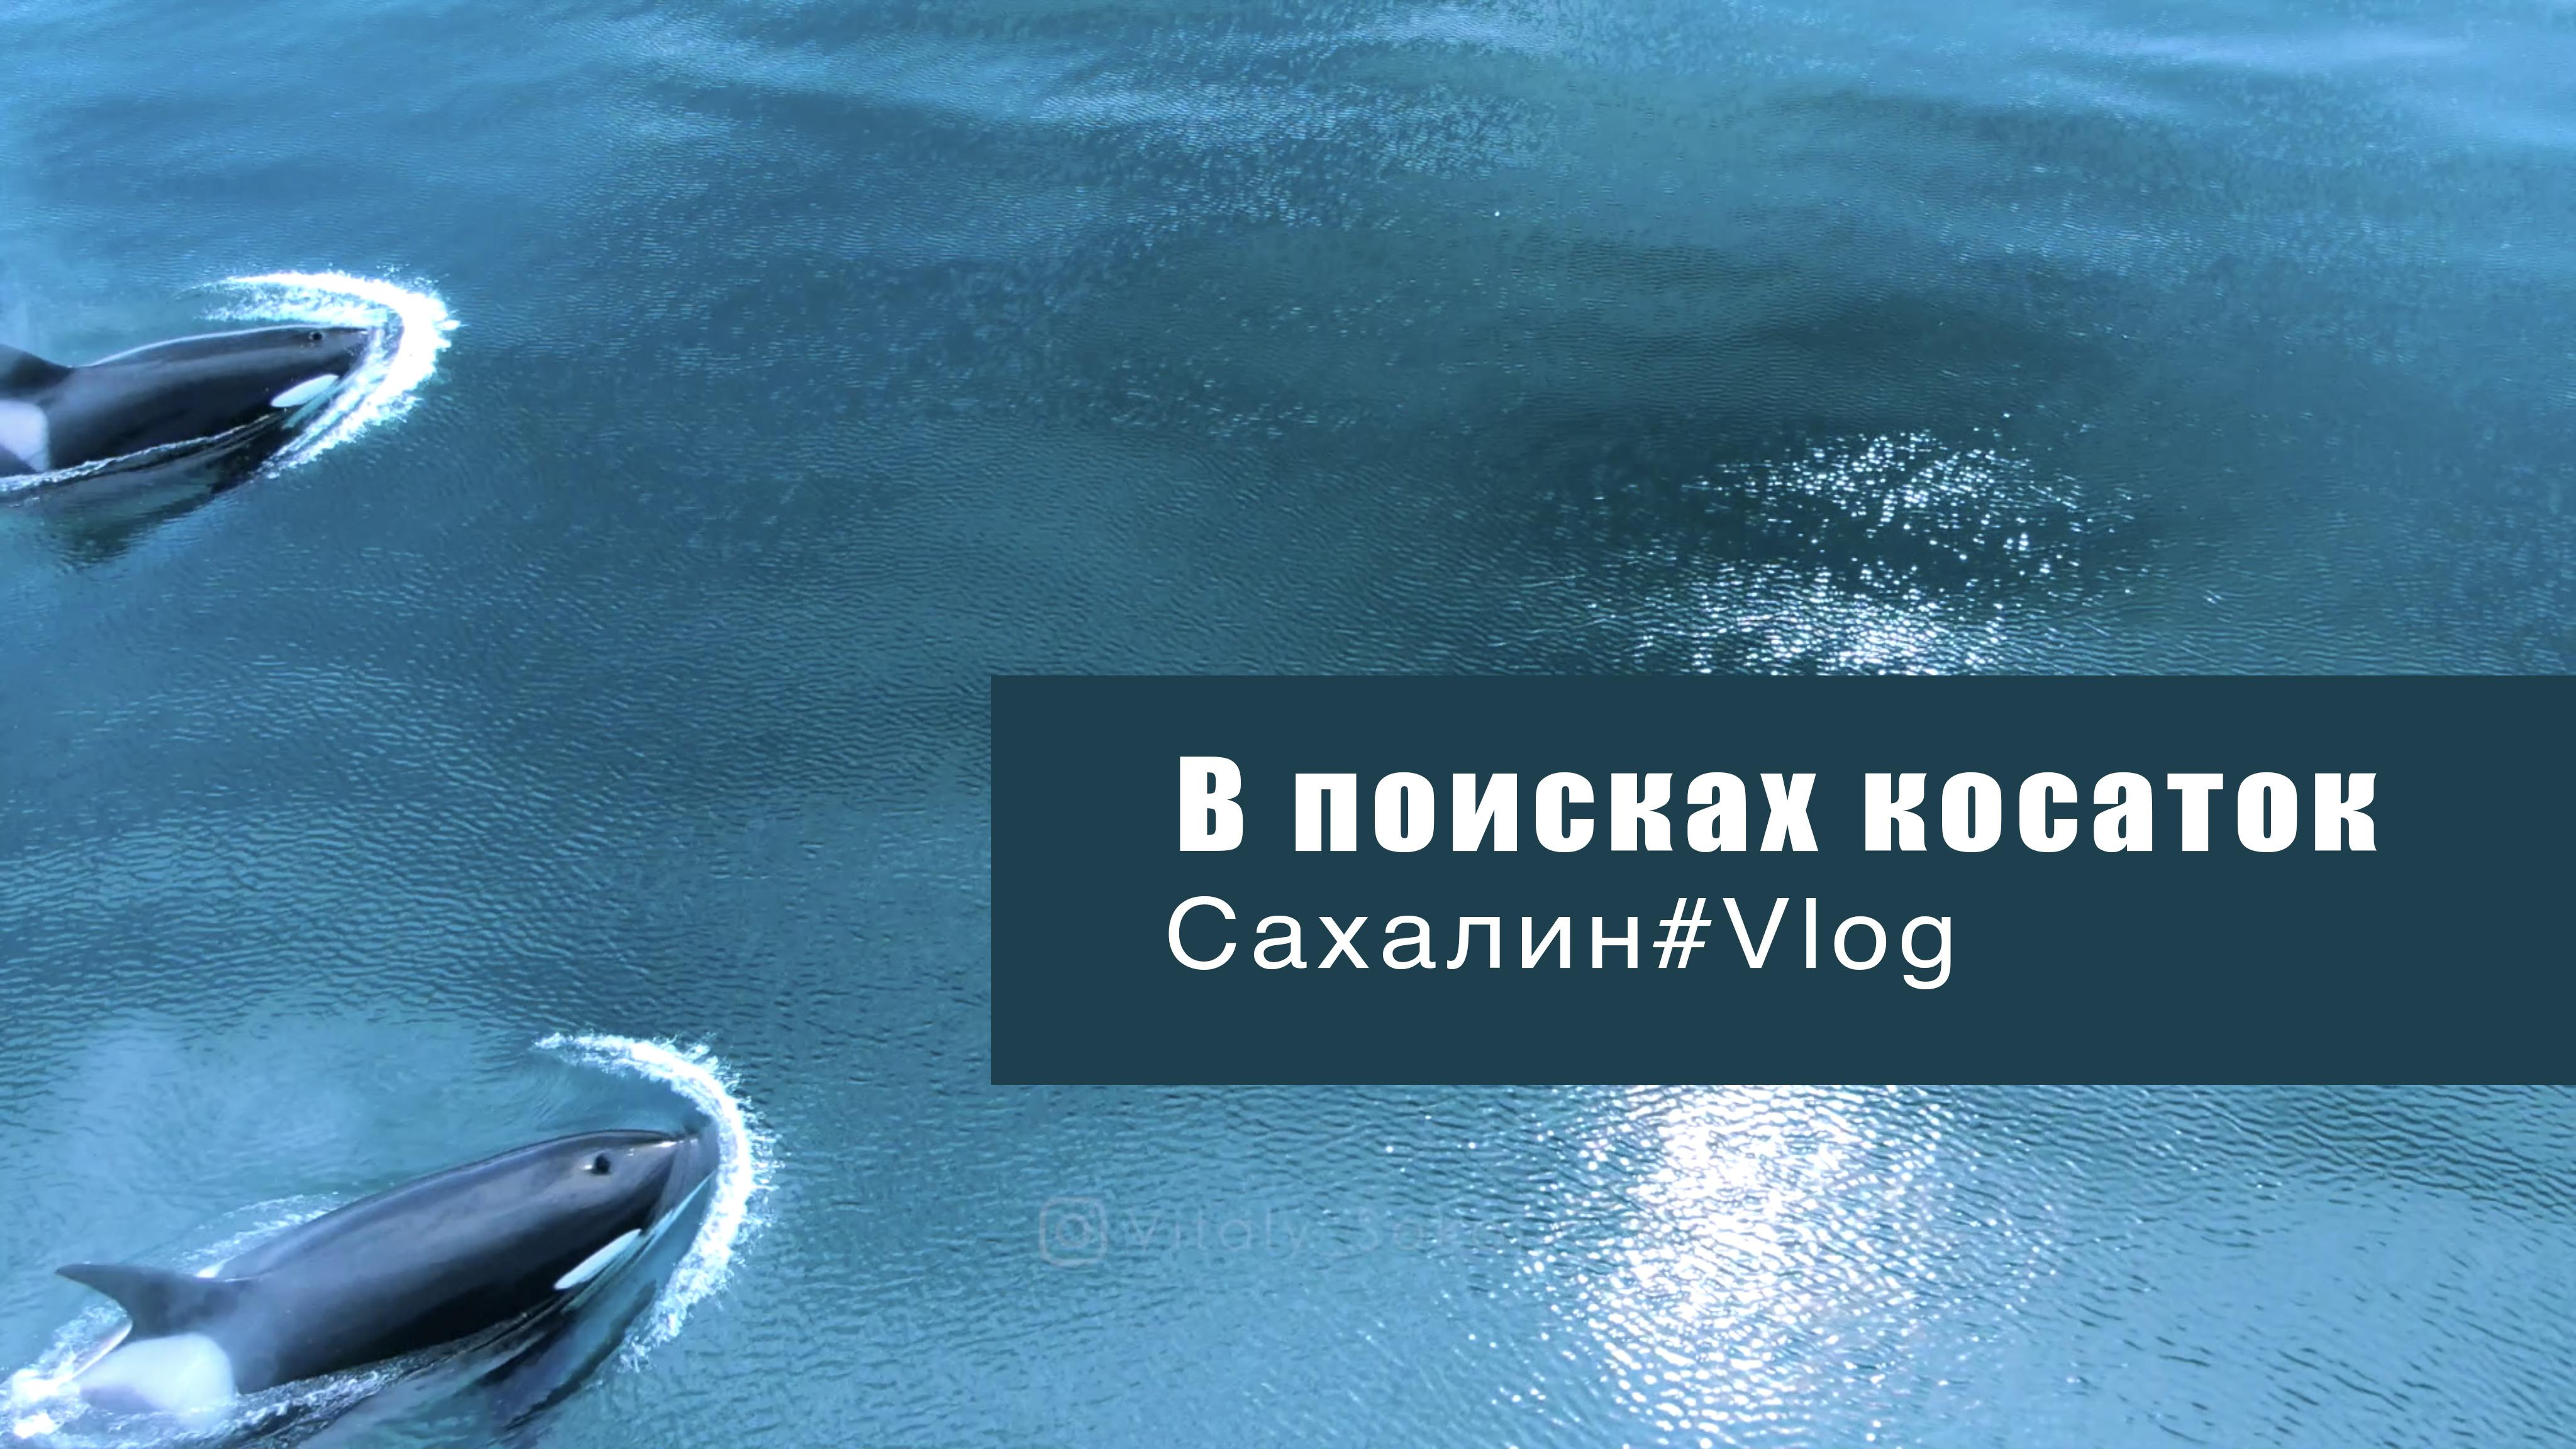 Wild Orcas in Ocean